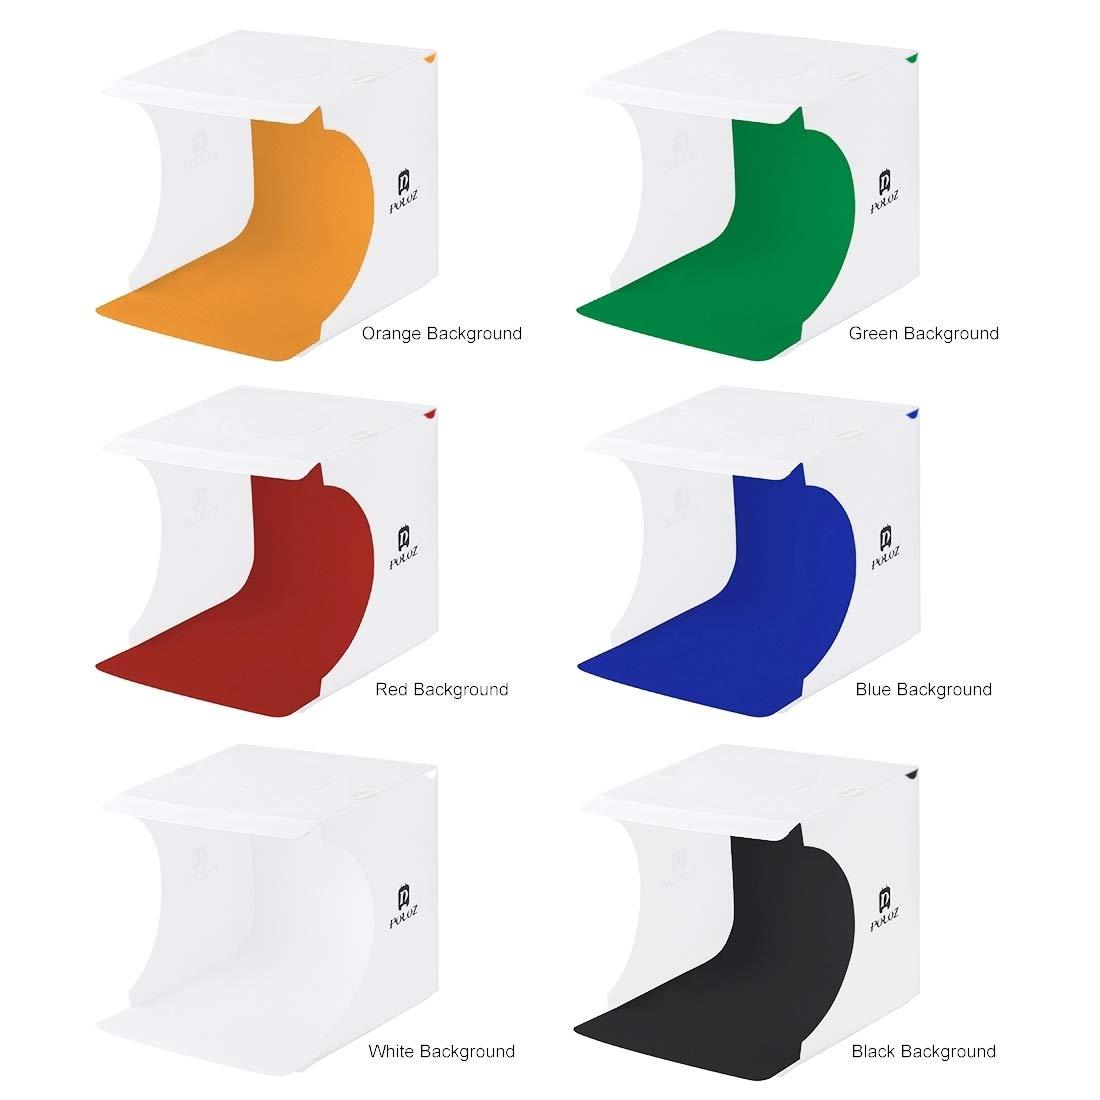 mini kit de iluminaci/ón LED con luces LED integradas y 6 fondos de colores tienda negro, blanco, rojo, azul, verde, na para fotograf/ía mesa plegable estudio fotogr/áfico PULUZ Caja de luz port/átil de 20 cm x 20 cm x 20 cm